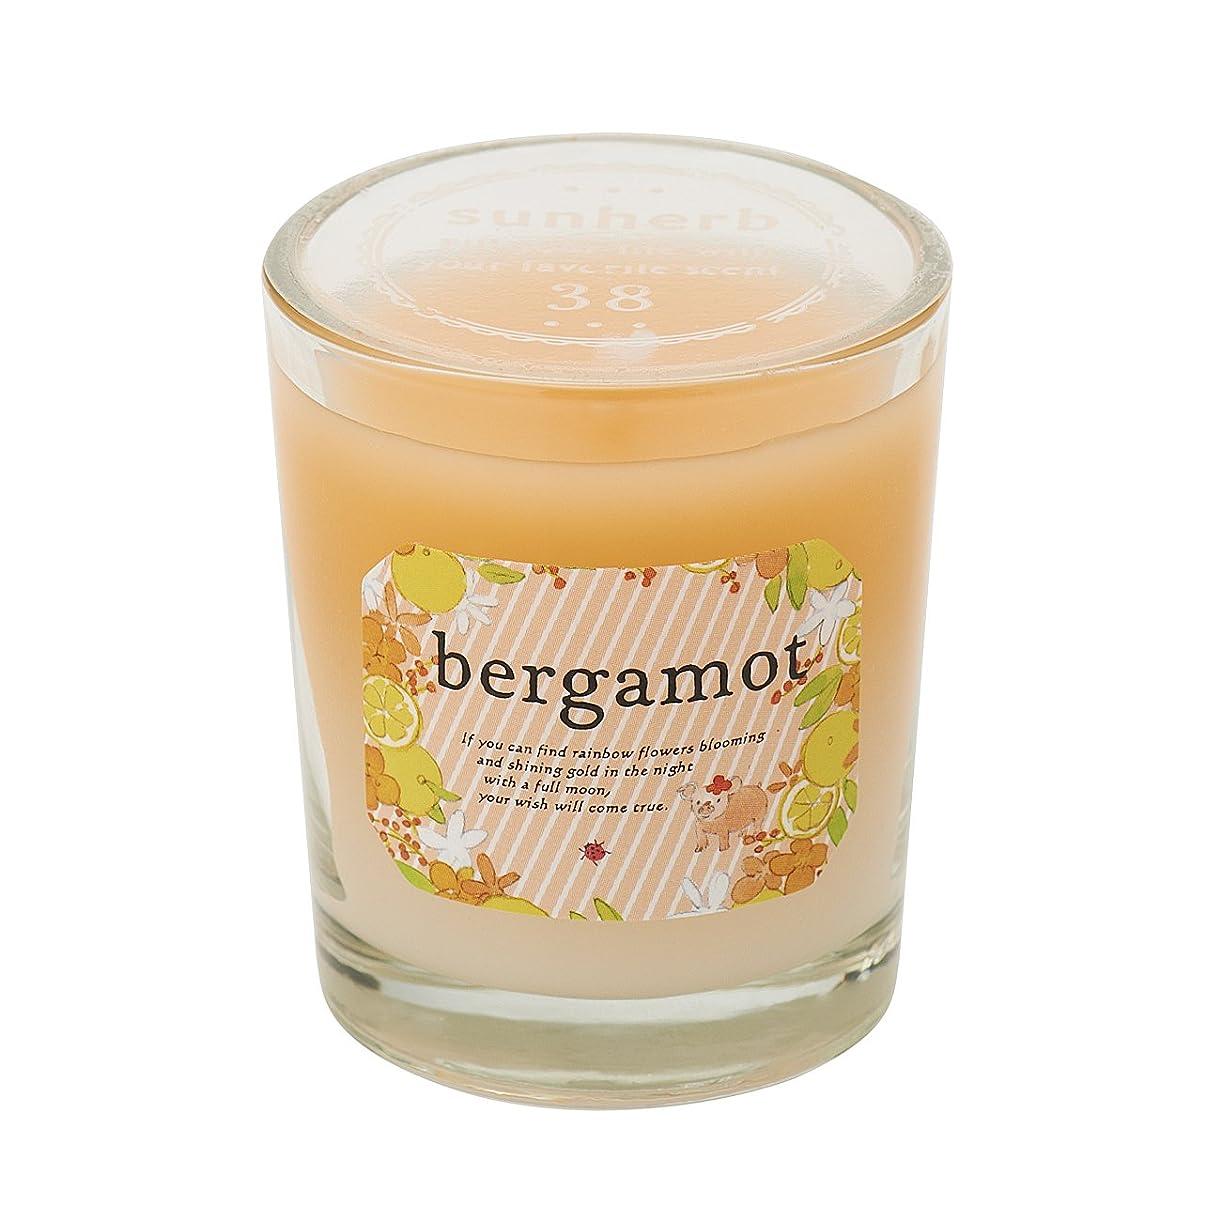 背骨一握りやさしいサンハーブ グラスキャンドル ベルガモット 35g(グラデーションろうそく 燃焼時間約10時間 懐かしい甘酸っぱい香り)